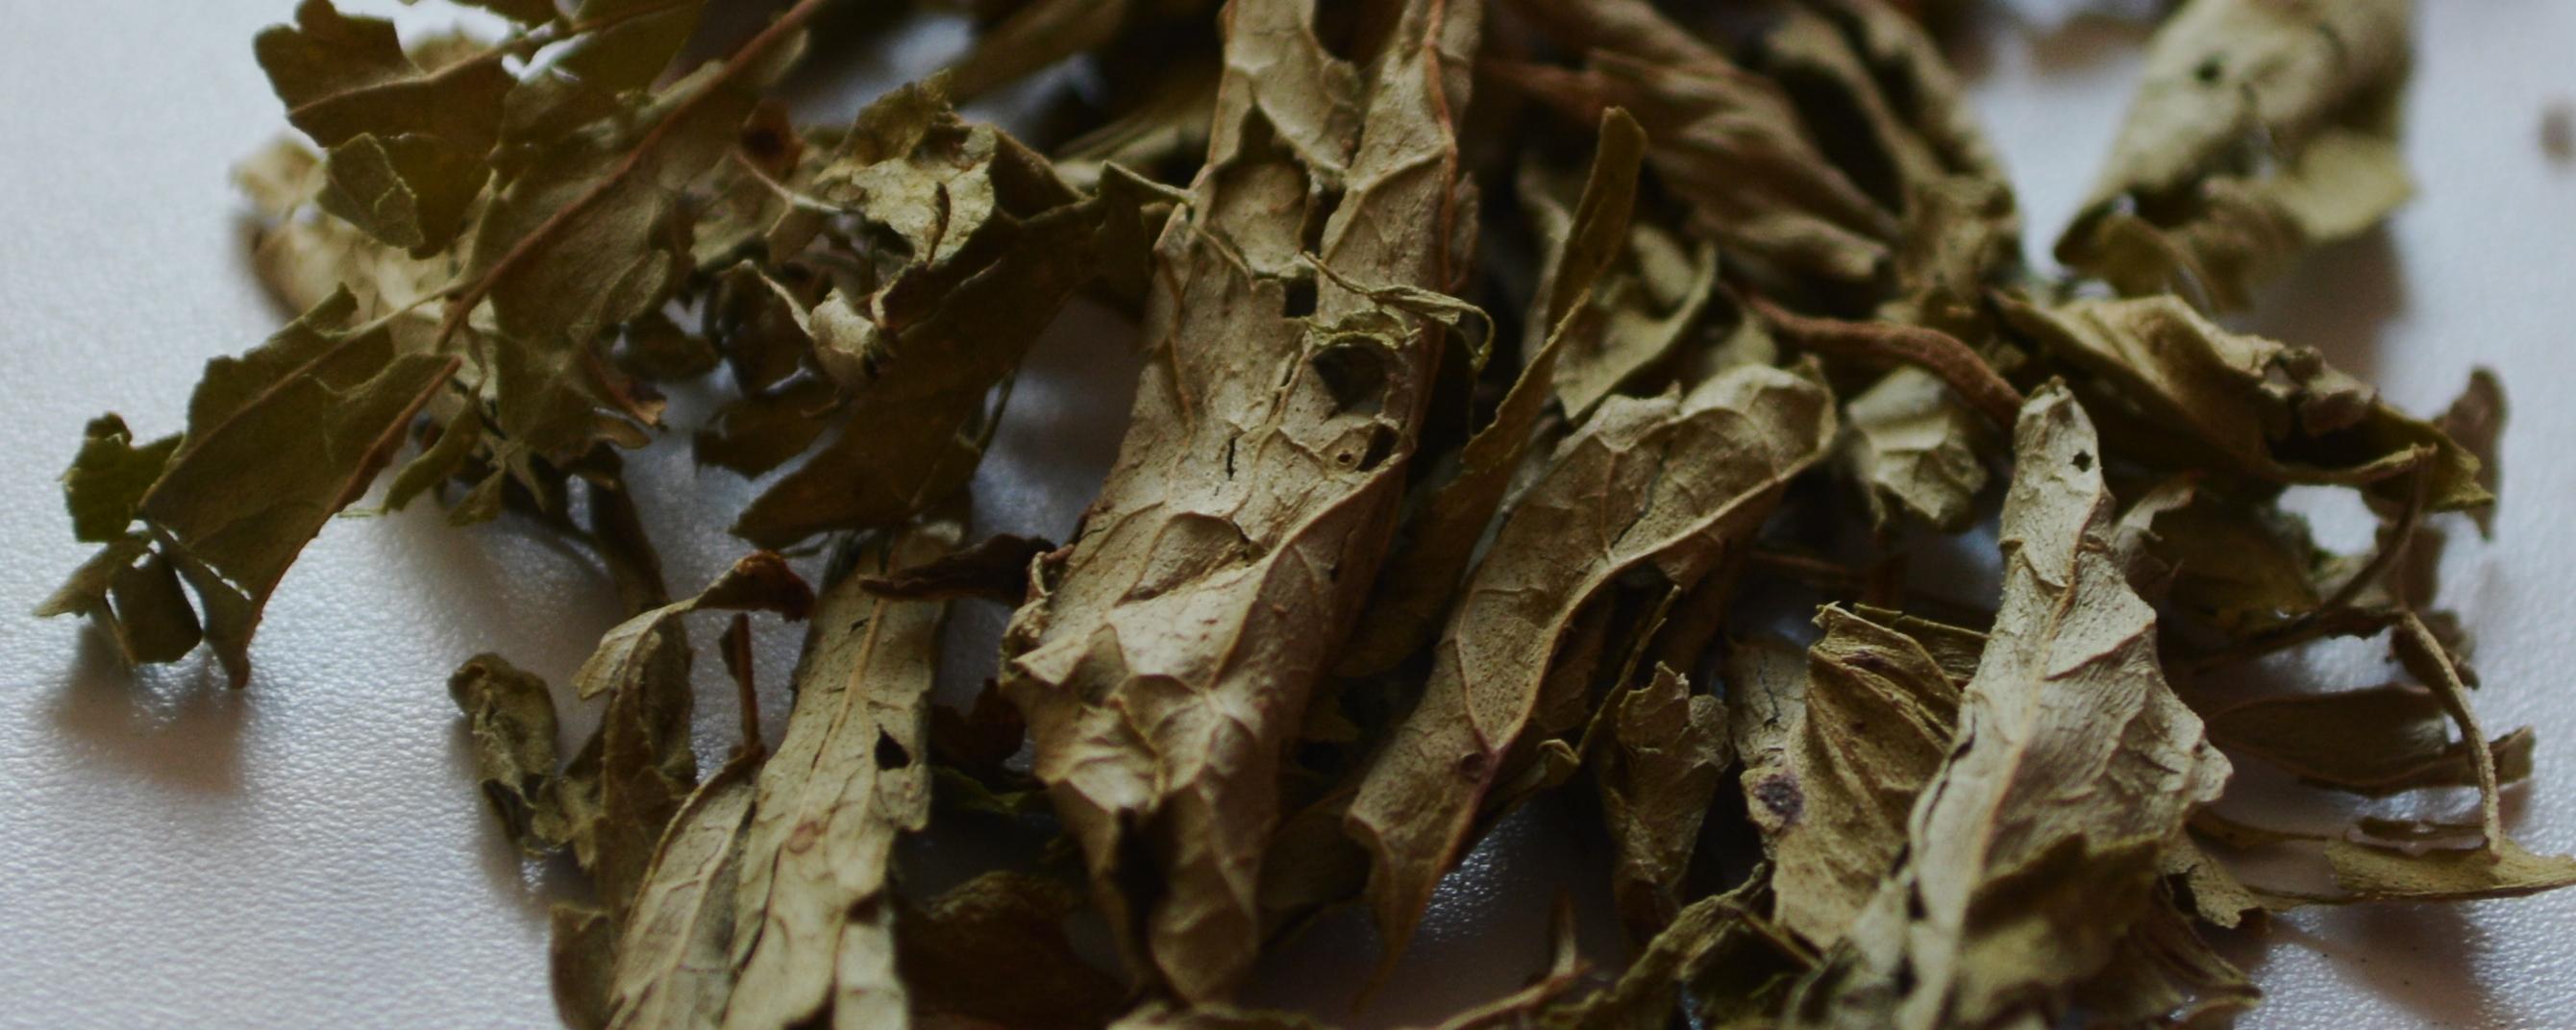 Dies sind getrocknete Steviablätter, die ebenfalls zum Süßen von Speisen geeignet sind. Auch im Tee kann man sie verwenden. Ihr könnt eine Steviapflanze auch selbst anbauen.